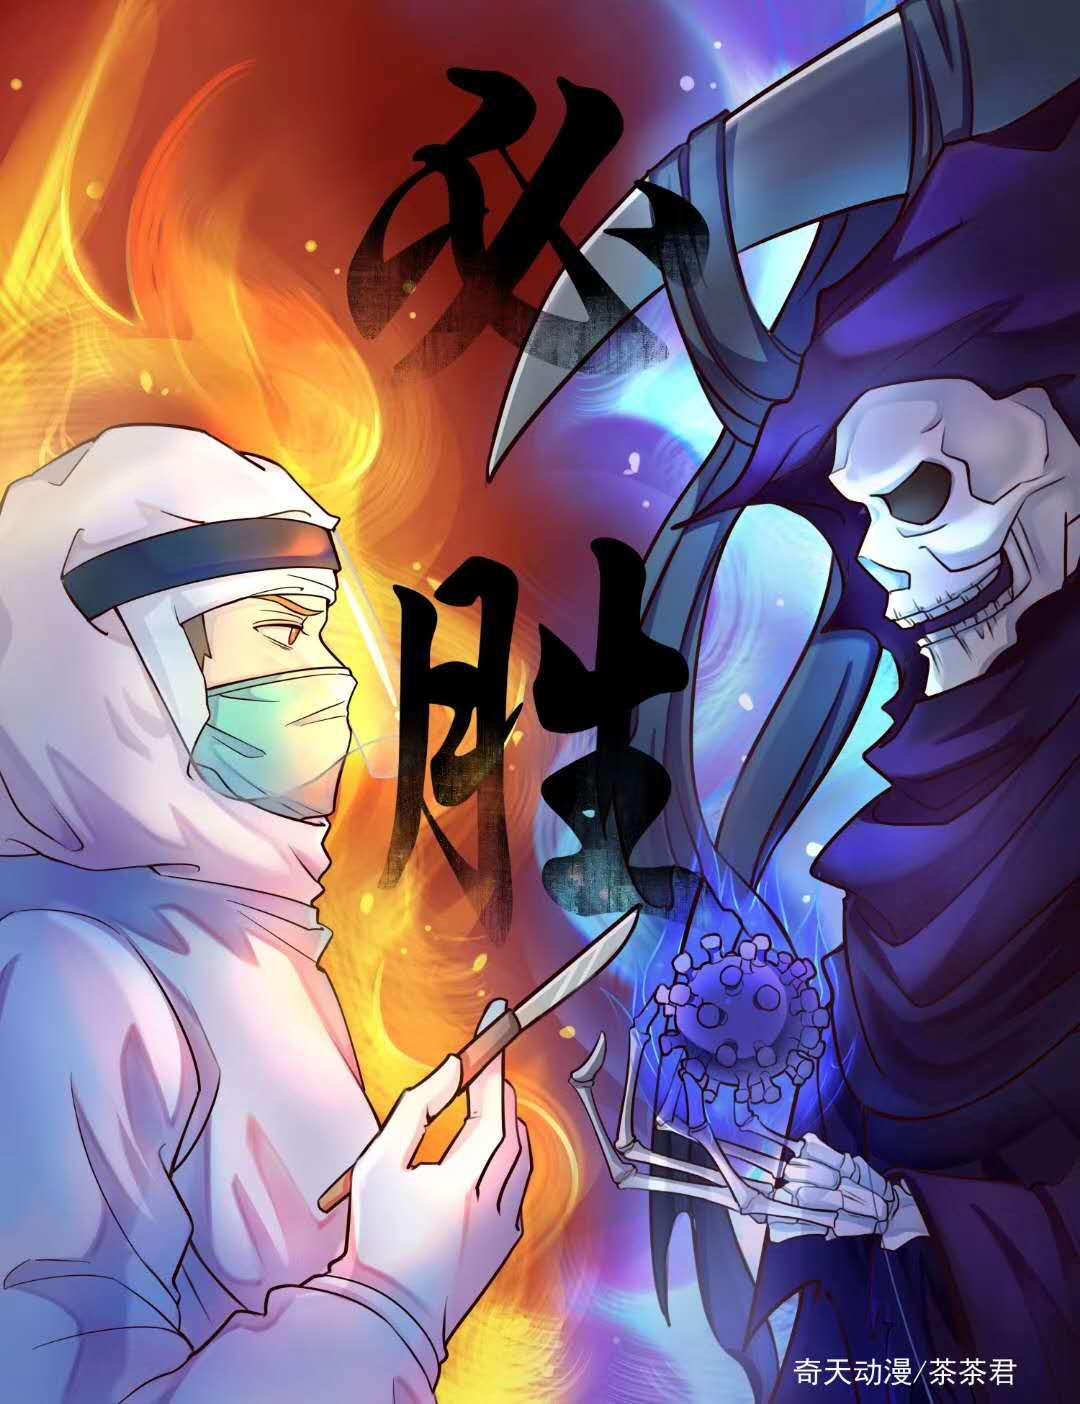 奇天CG学院,奇幻亚博在线娱乐,正义和邪恶